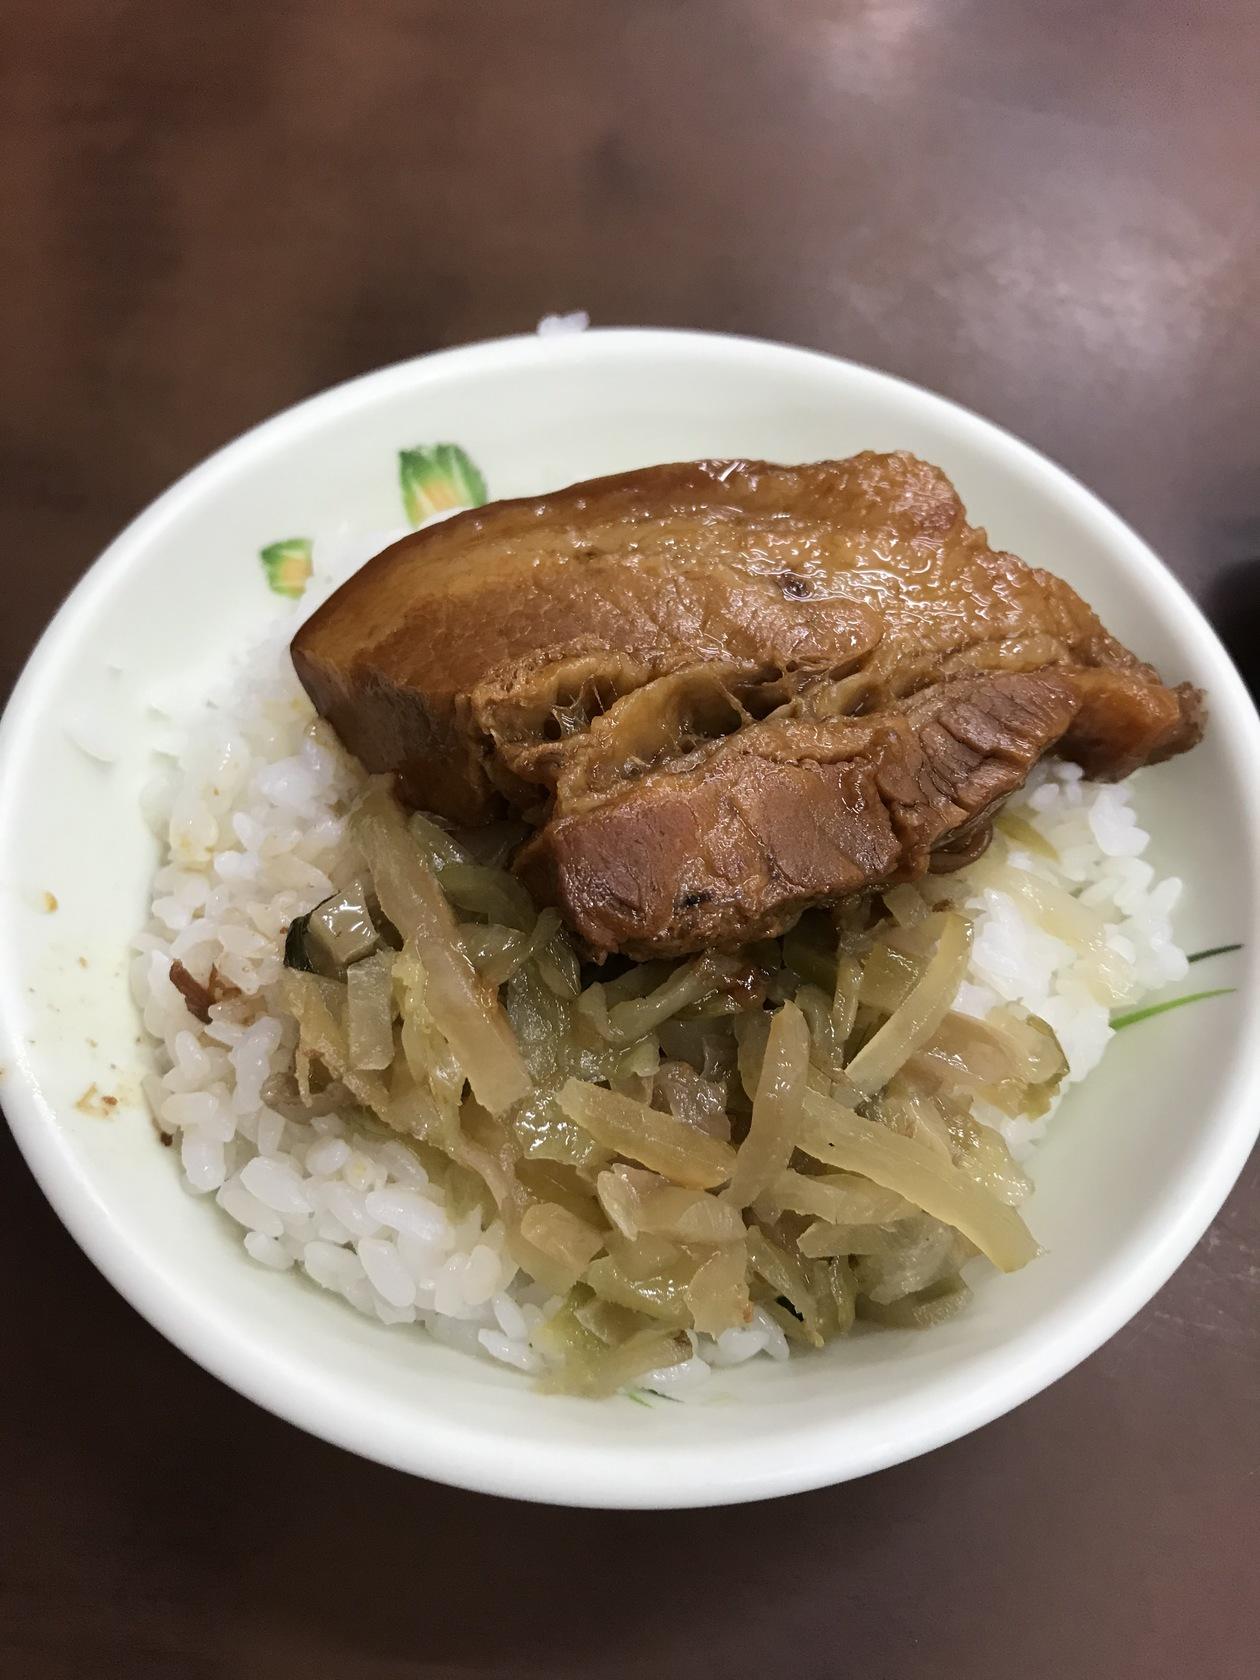 魯肉飯 | タカオ(高雄)在住小朋友さんのおすすめ料理・食べ物